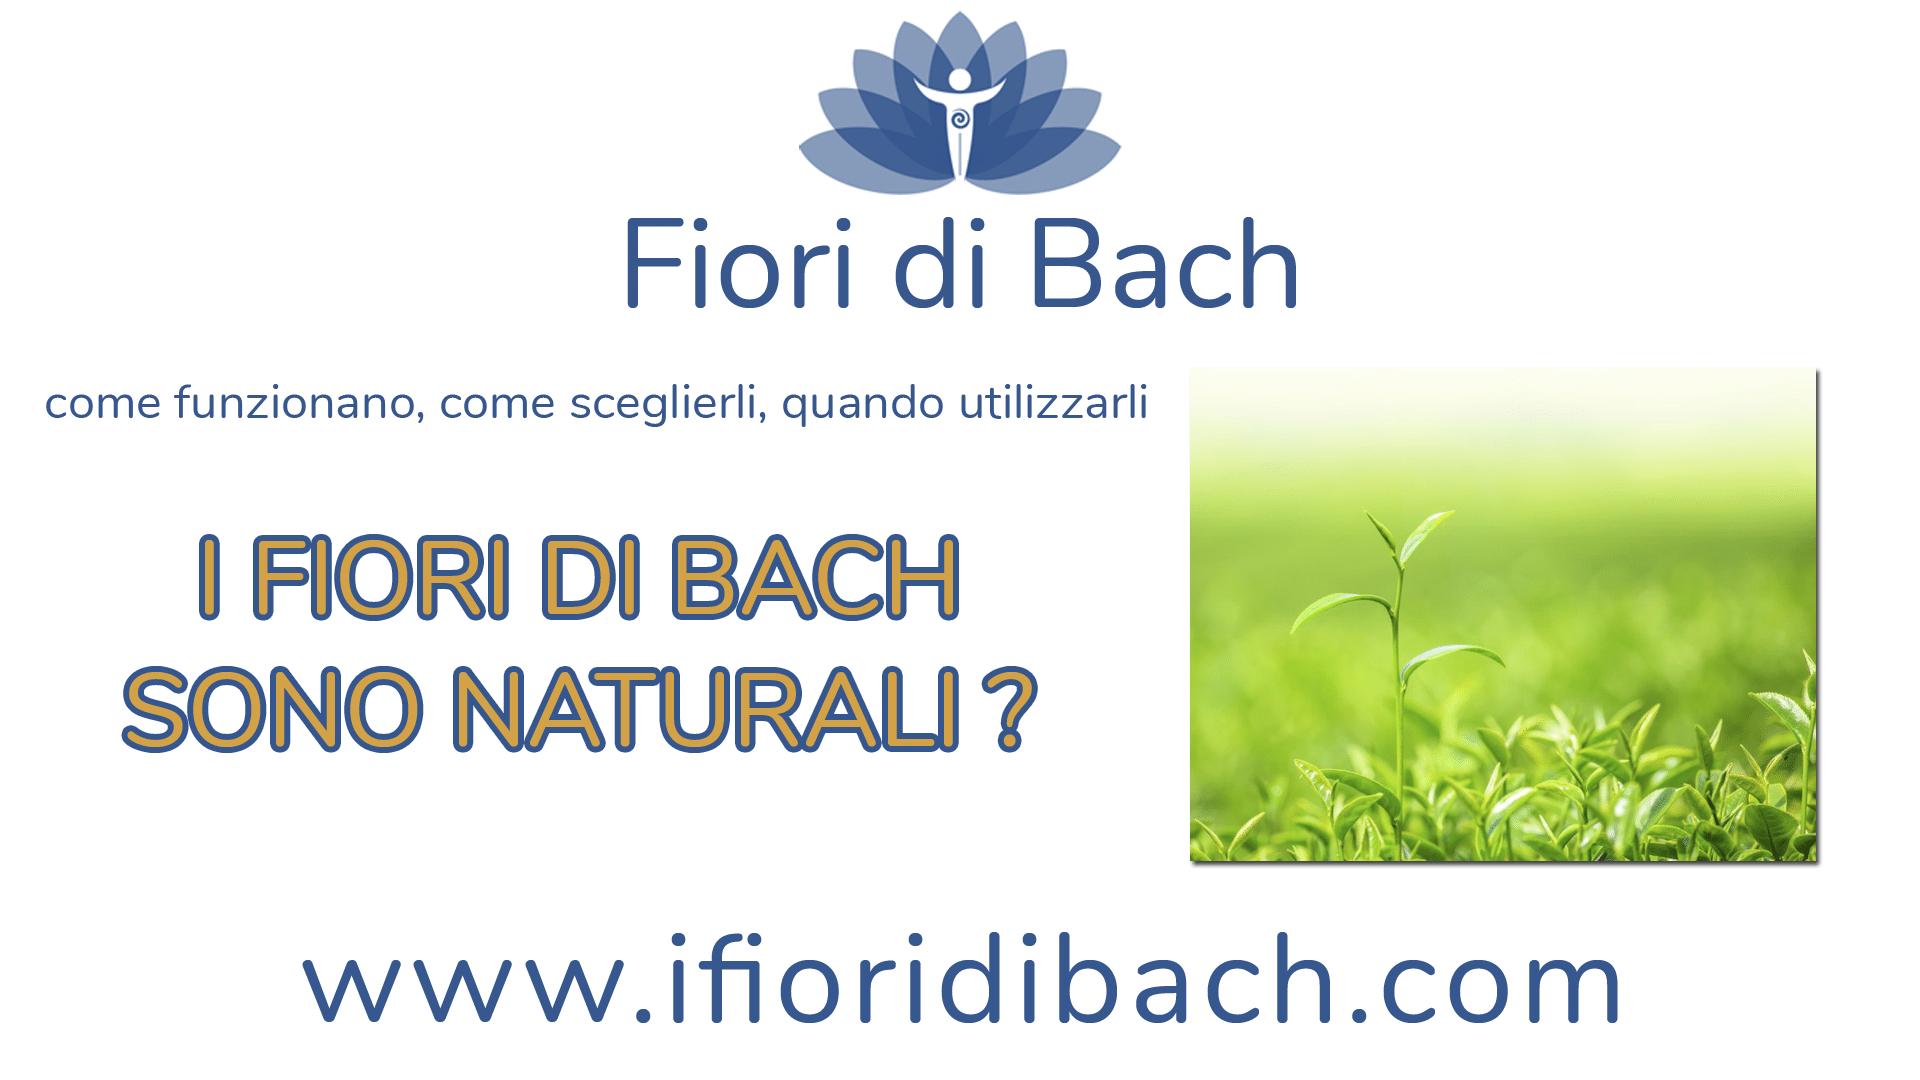 Fiori di Bach per l'ansia. Come si assumono? I fiori di Bach sono naturali?